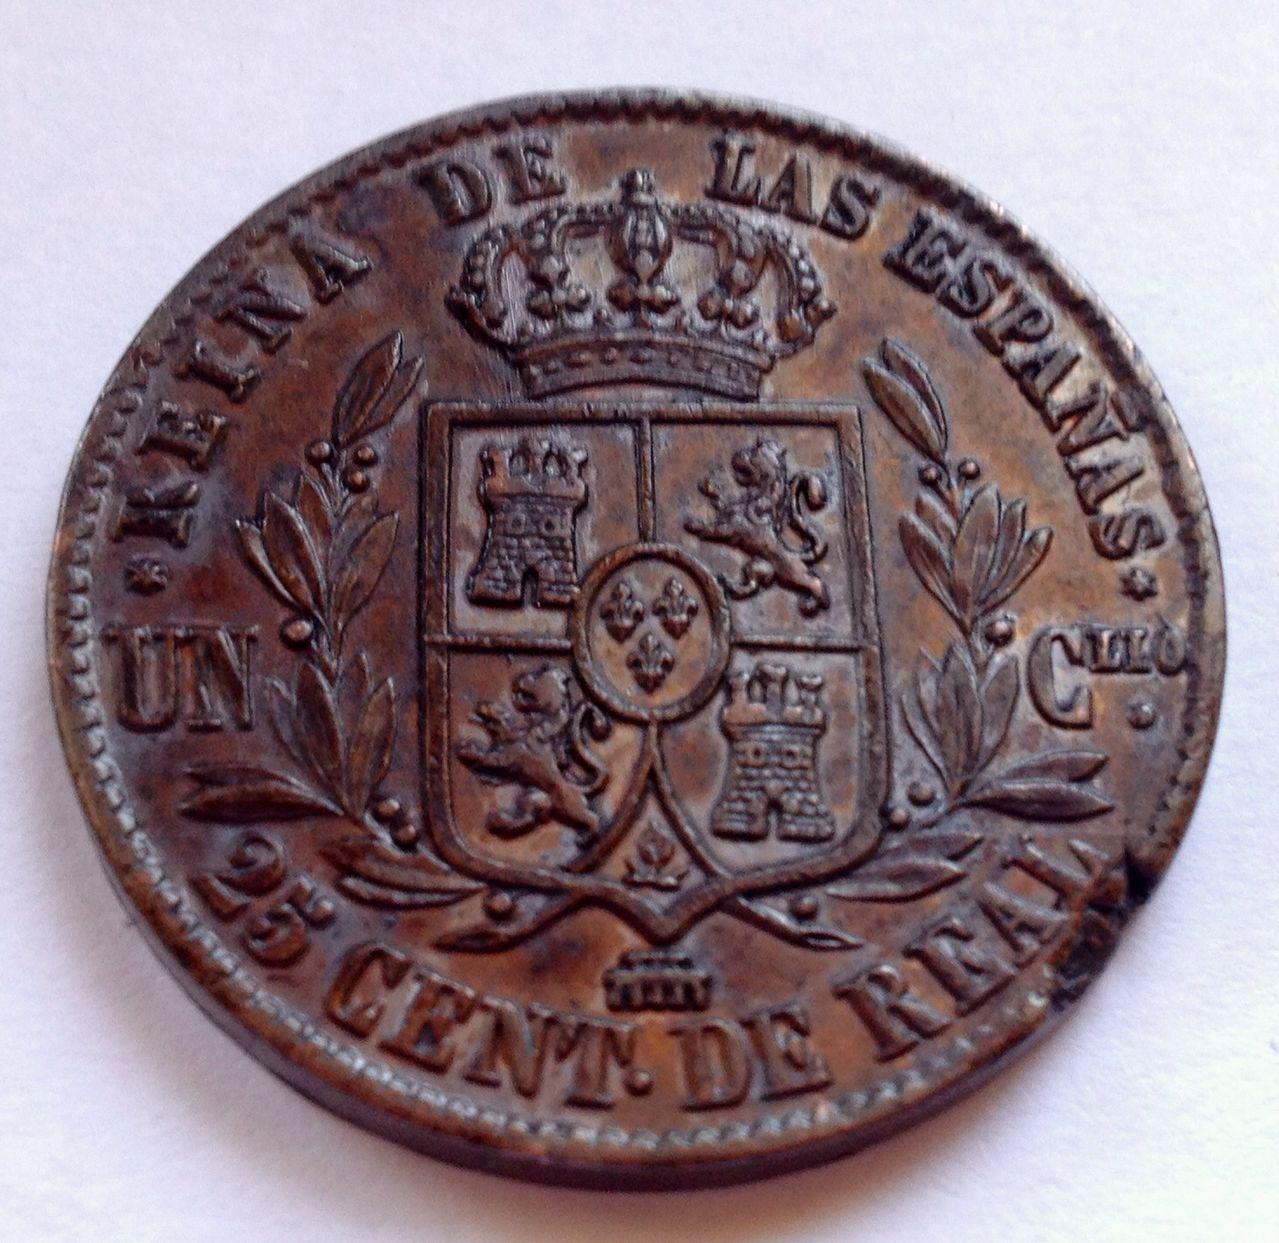 1855 - 25 céntimos de real- un cuartillo 1855 Isabel II ¿error? Image